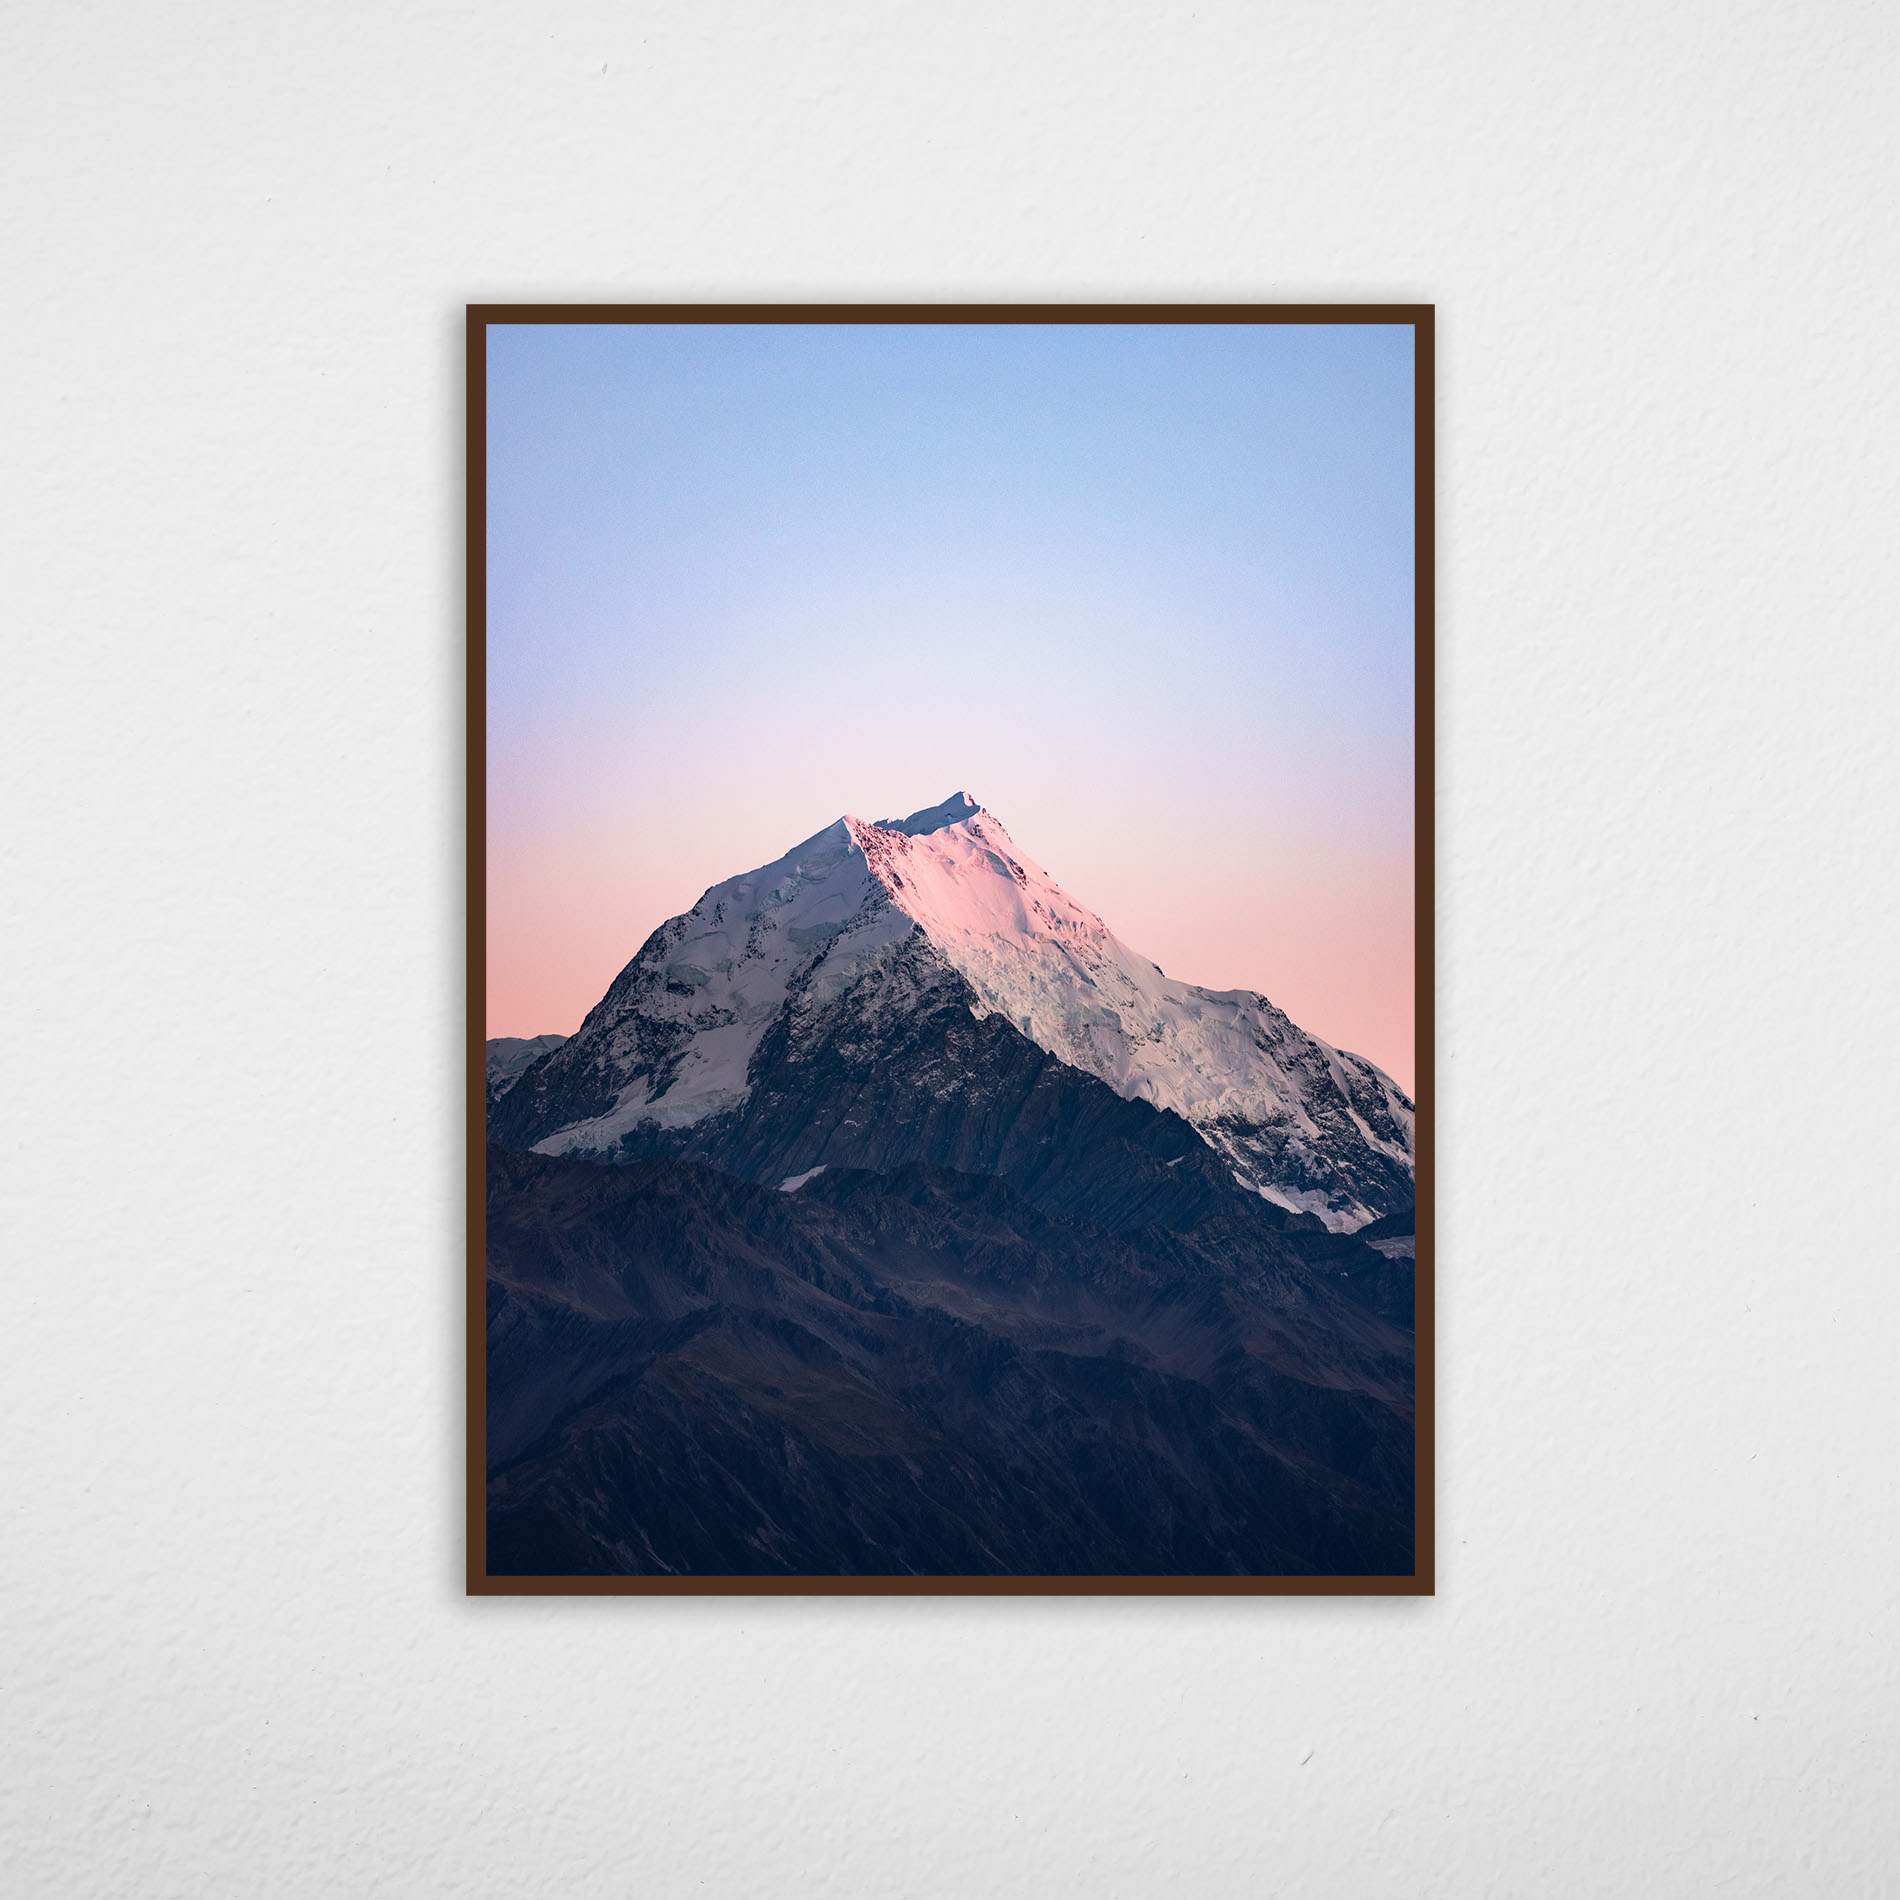 Quadro de Montanha